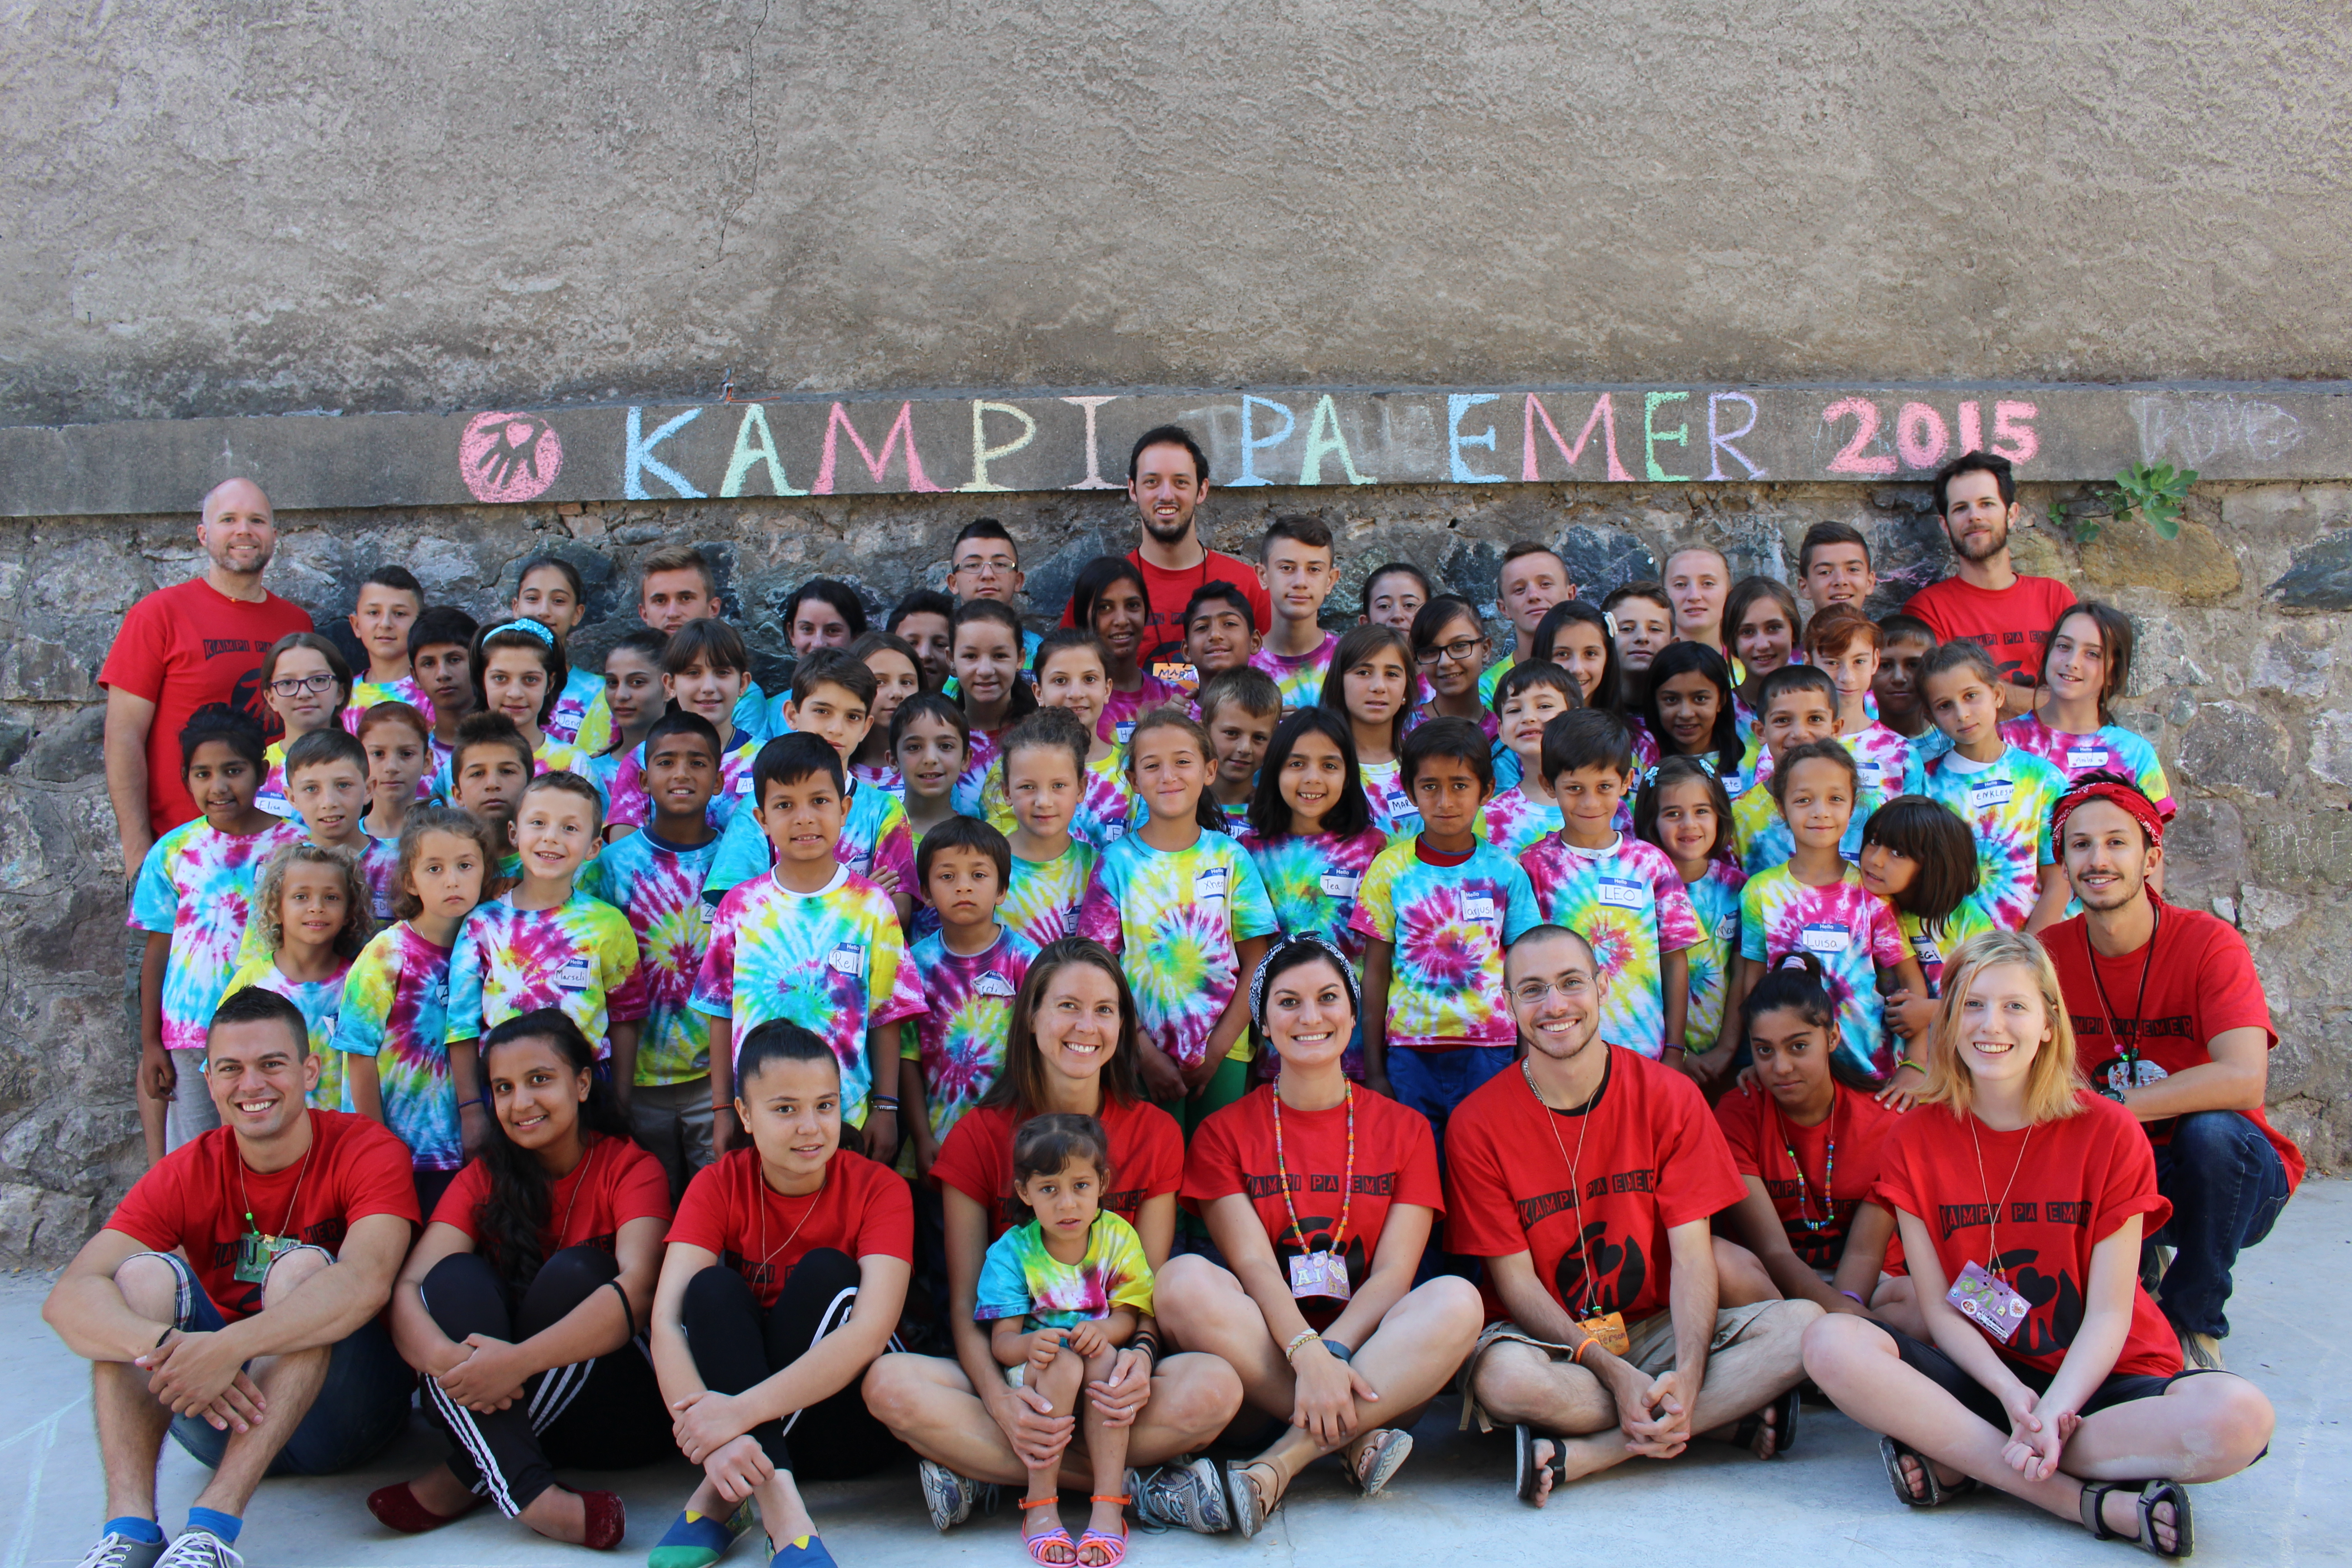 Camp No Name 2015